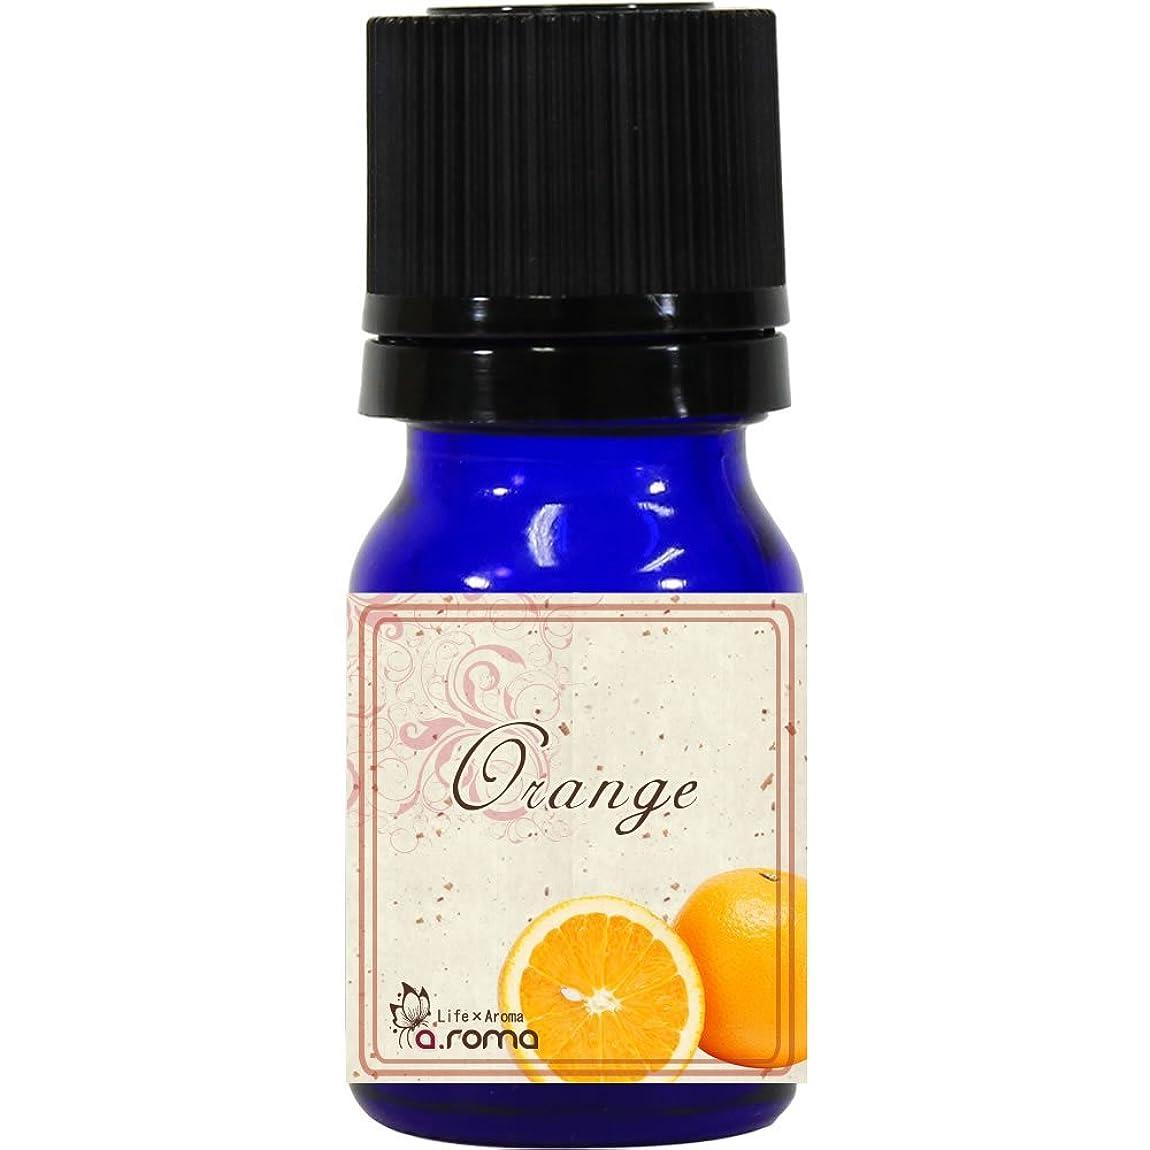 シュート事件、出来事格納オレンジ 3ml 100% エッセンシャルオイル アロマオイル